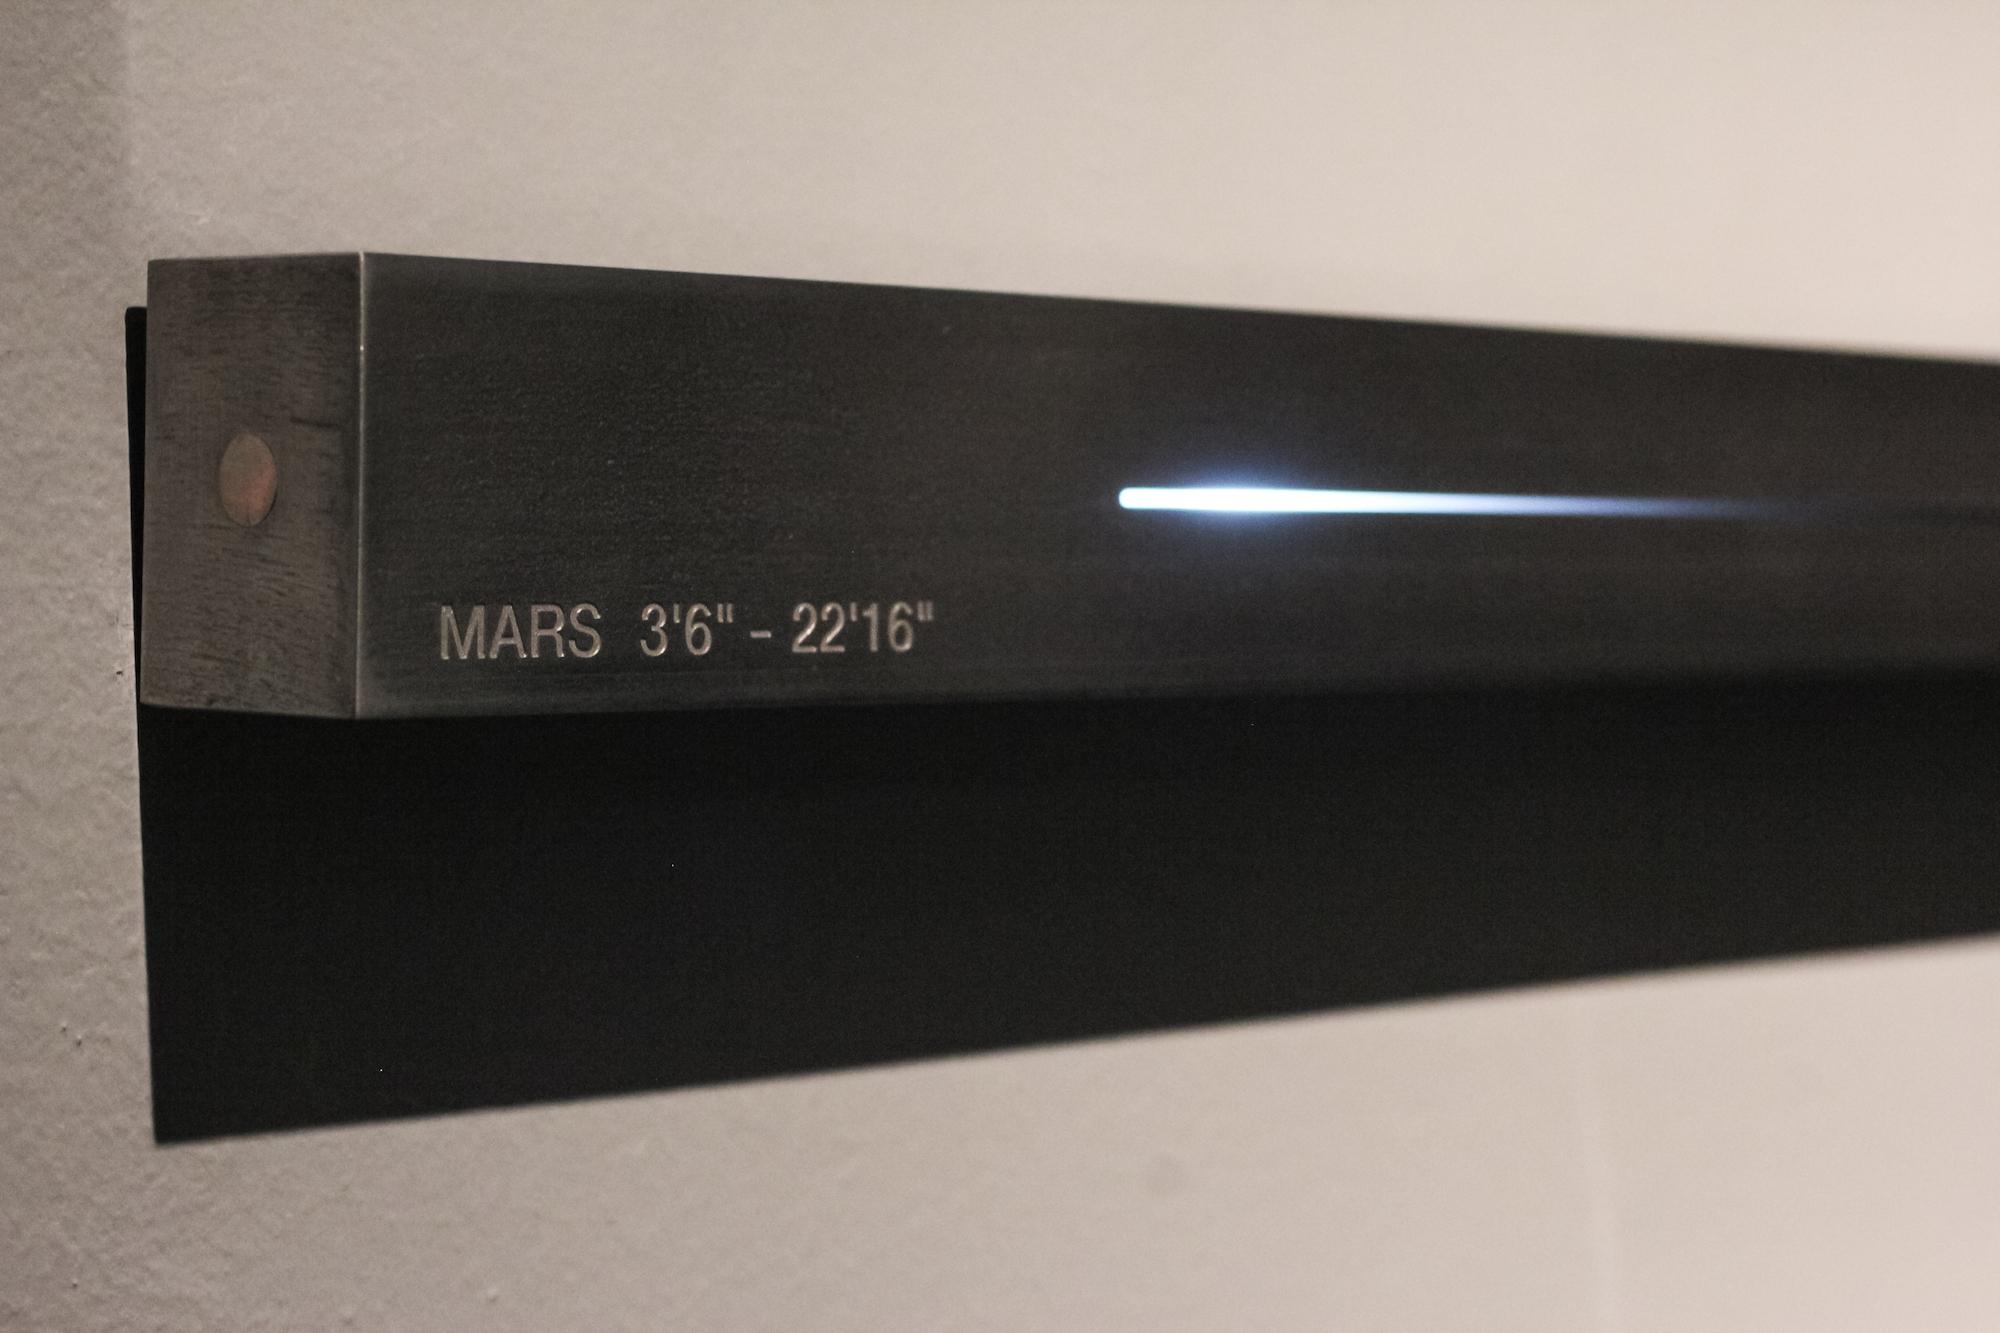 L'Étalon lumière de Félicie d'Estienne d'Orves exposé à la Galerie Nery Marino